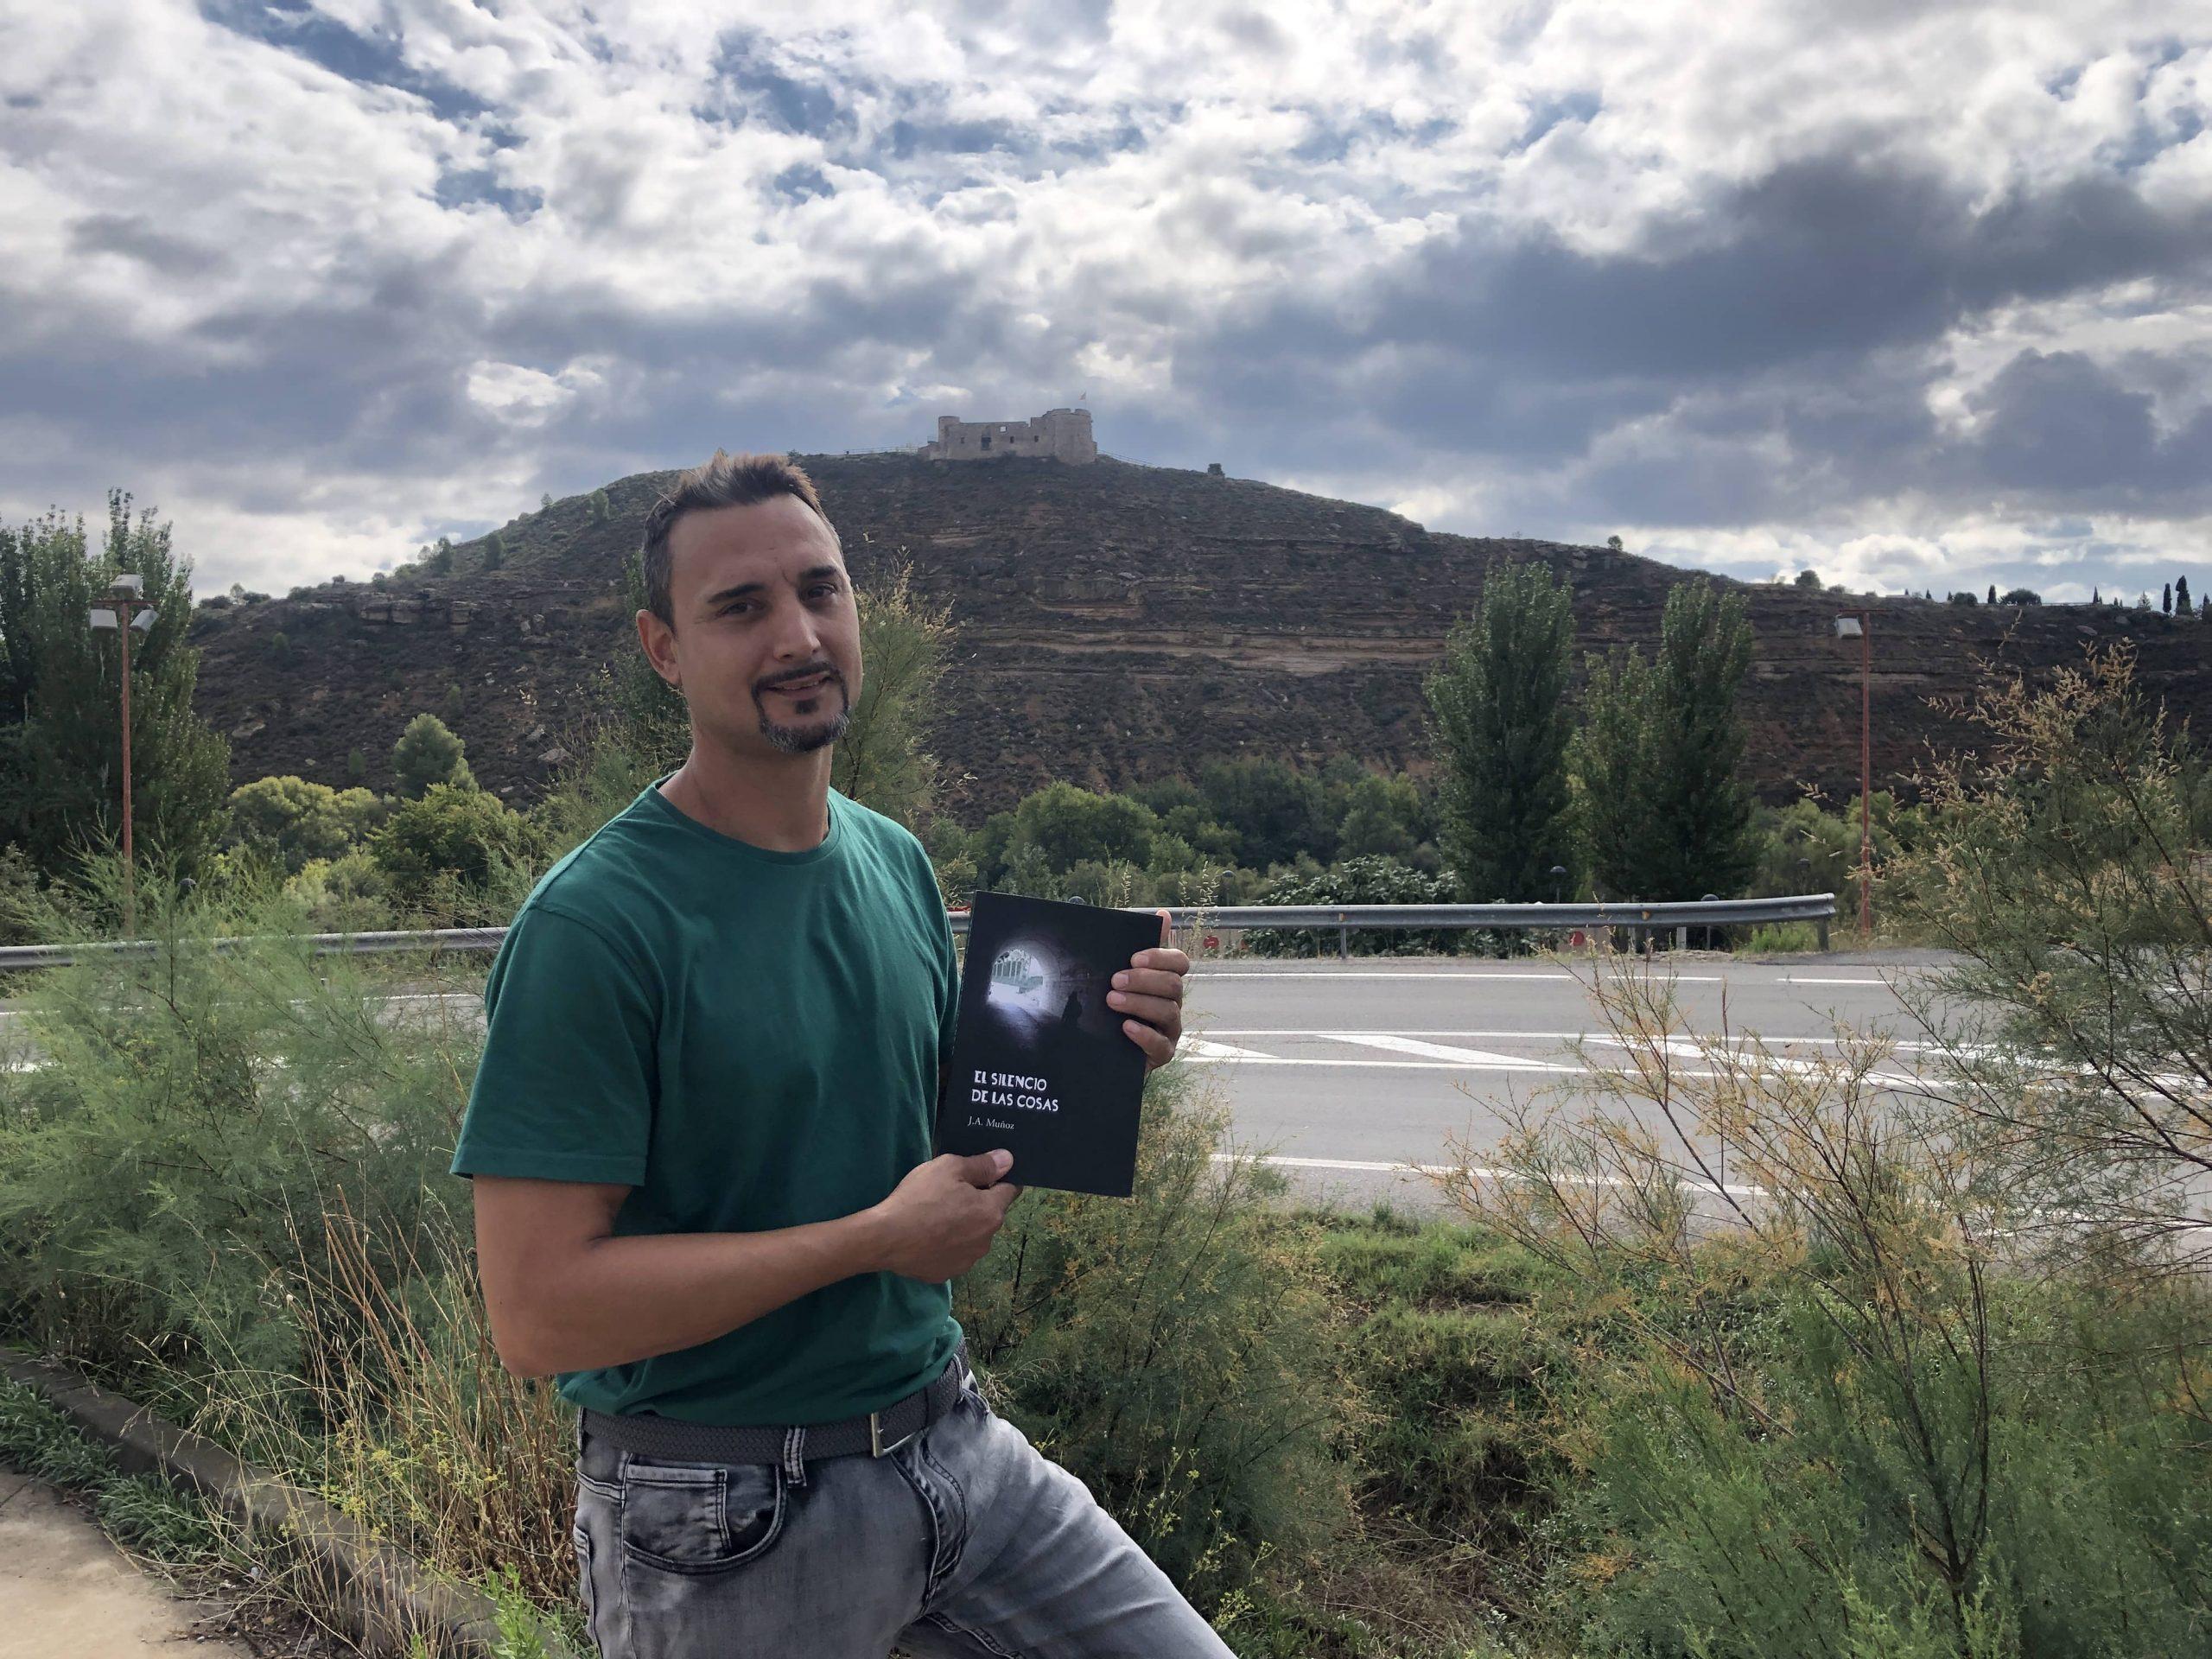 El silencio de las cosas, primera novela publicada del escritor J.A. Muñoz